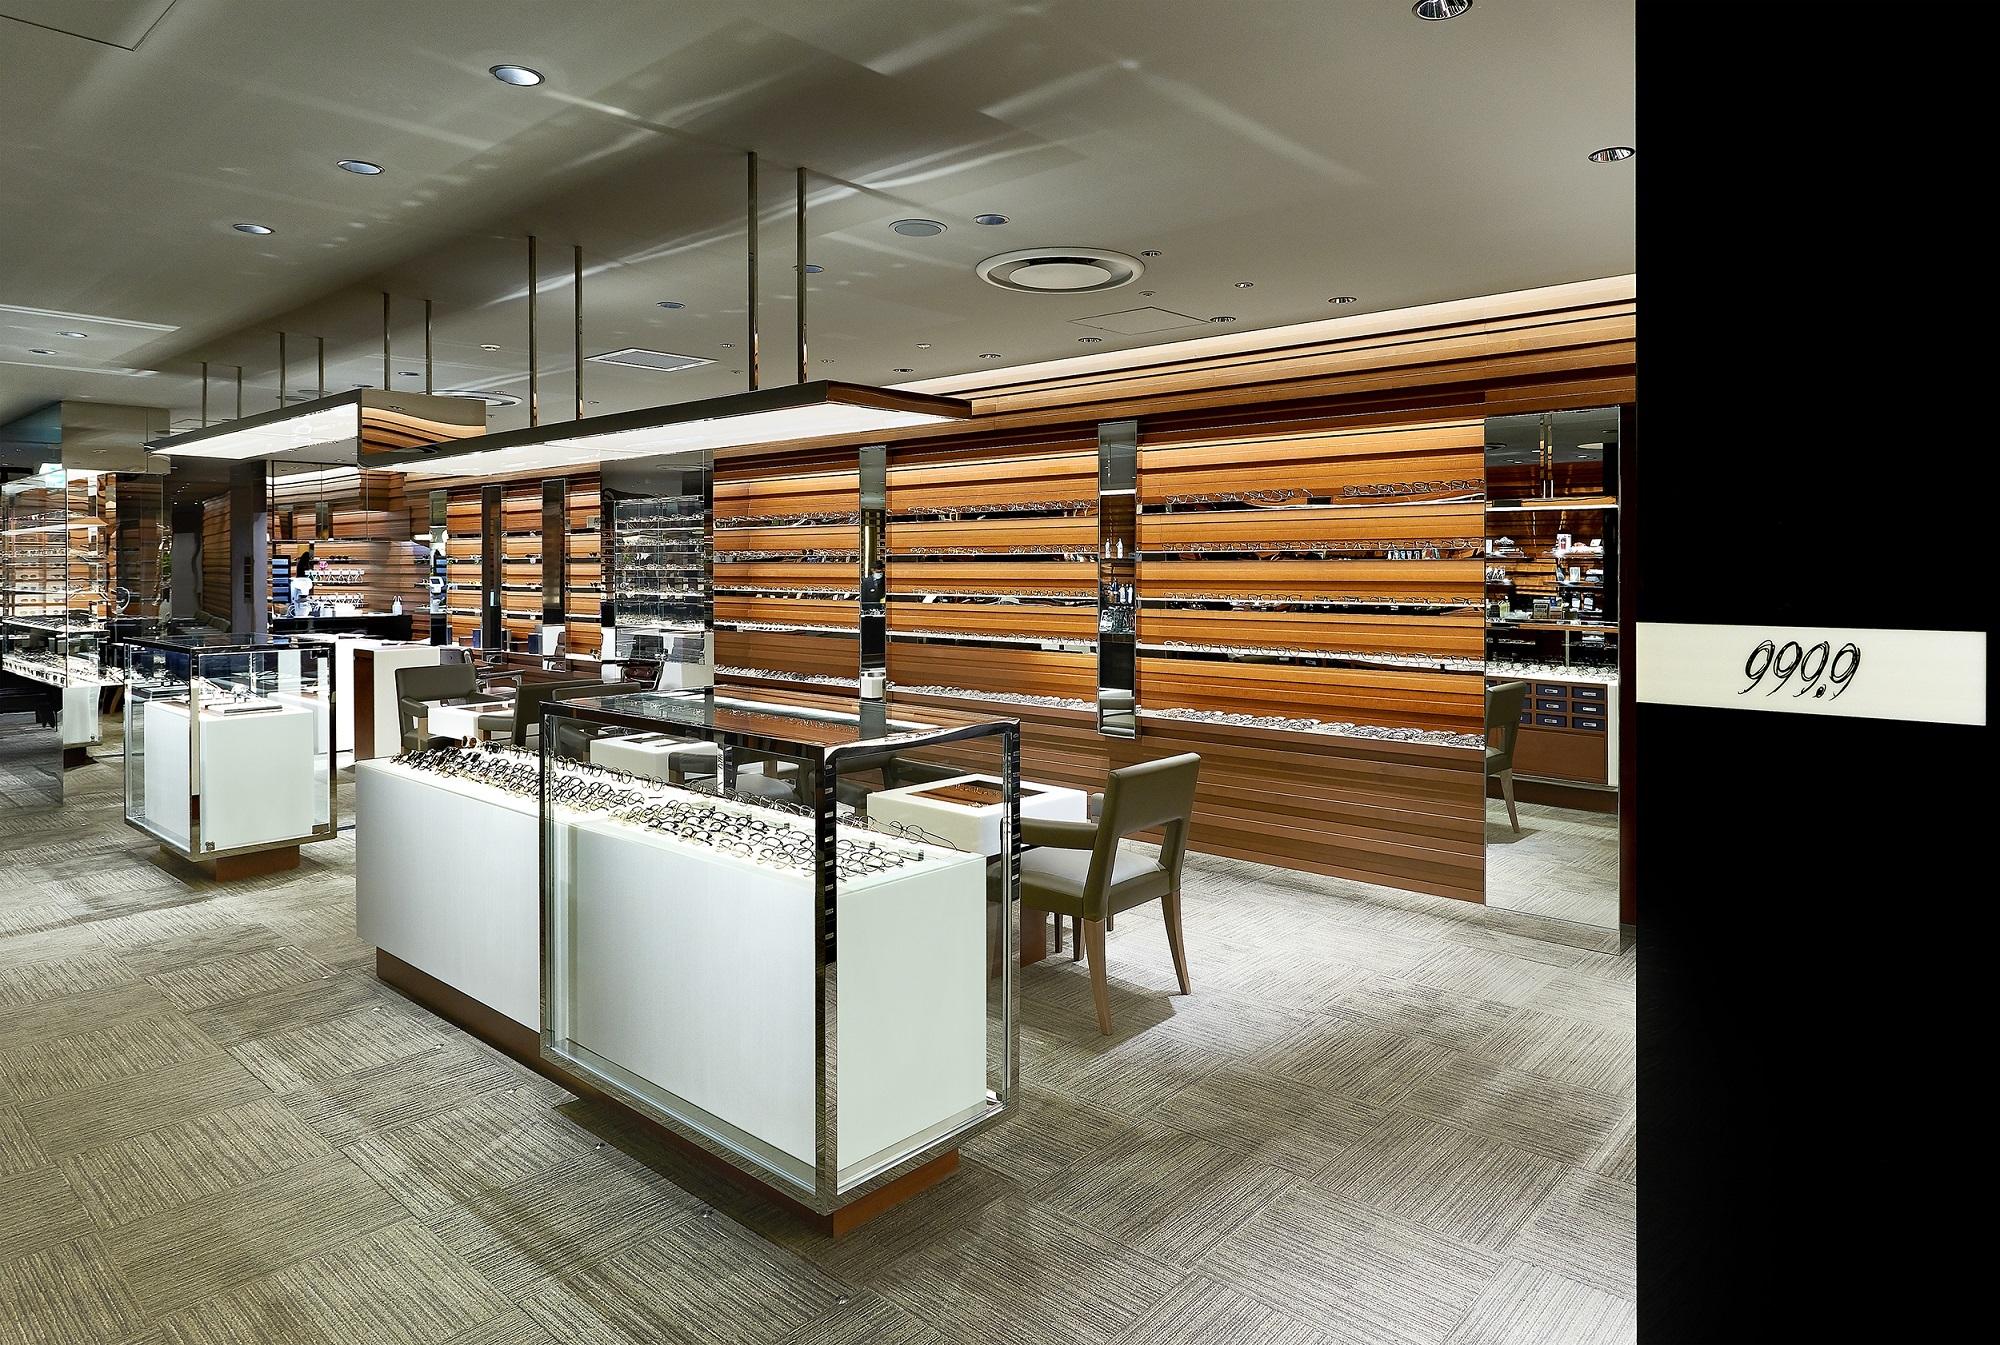 「フォーナインズ 伊勢丹新宿店メンズ館」が移転、拡大してオープン_1_1